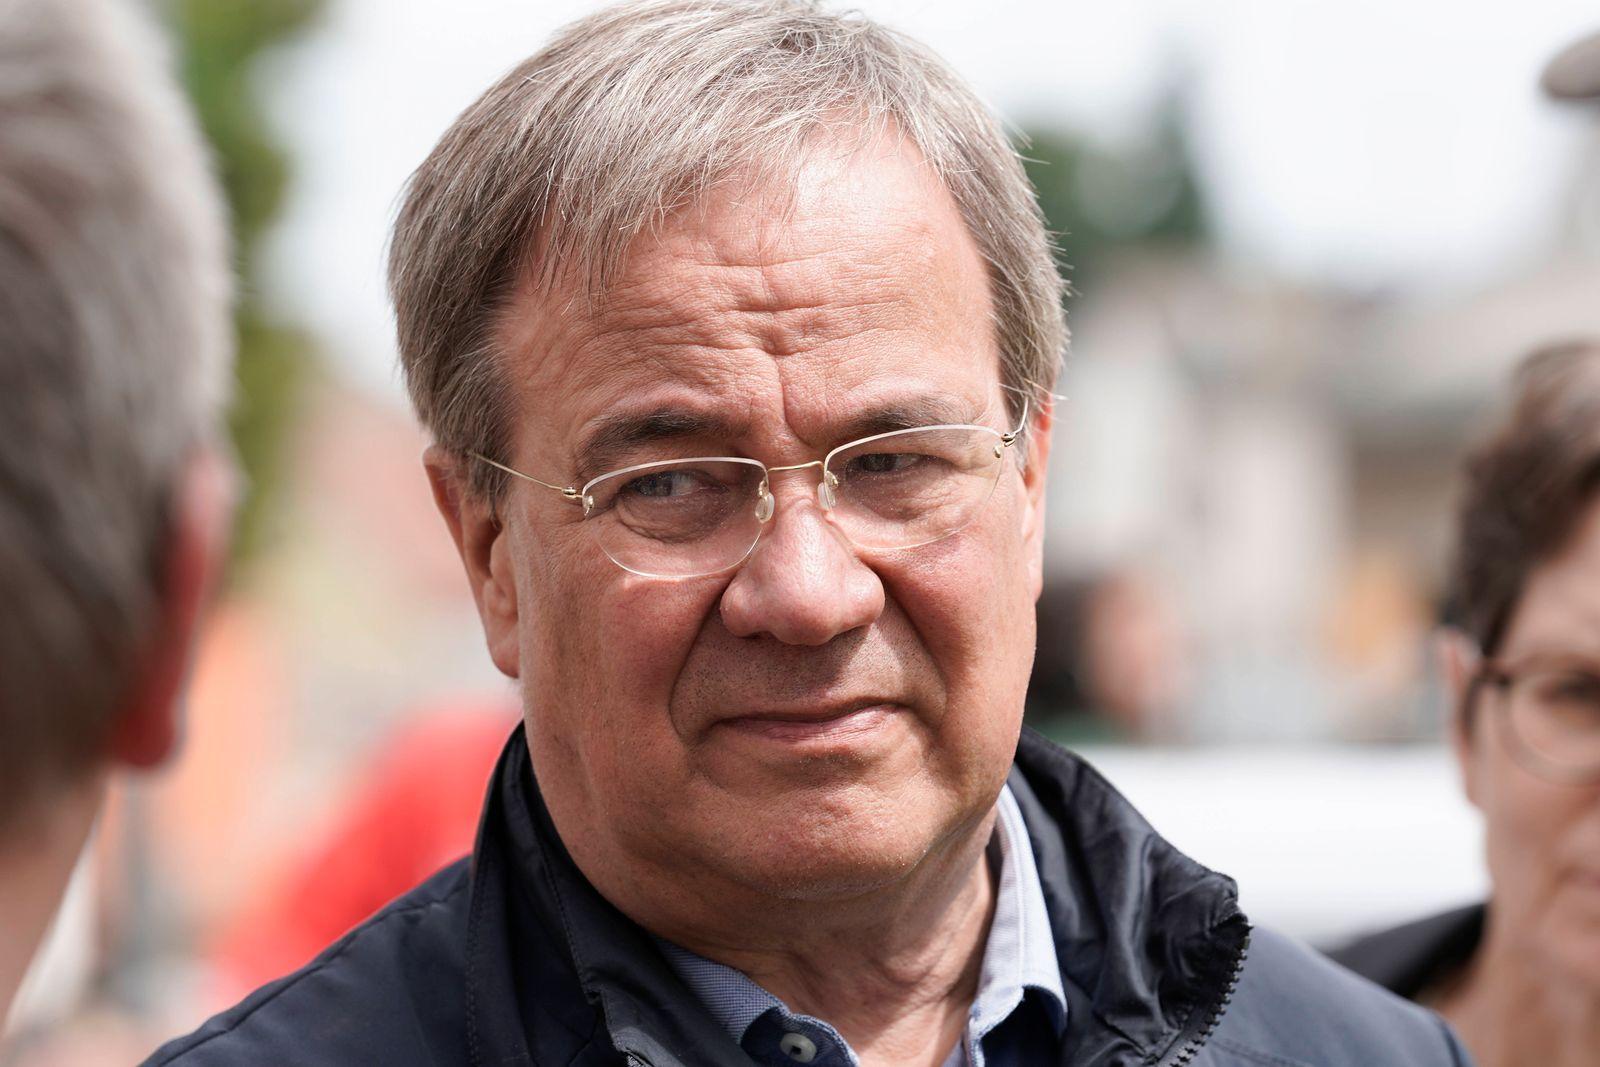 Ministerpraesident von NRW Armin Laschet besucht die vom Unwetter betroffenen Orte Swisttal Aktuell, 02.08.2021, Swistta